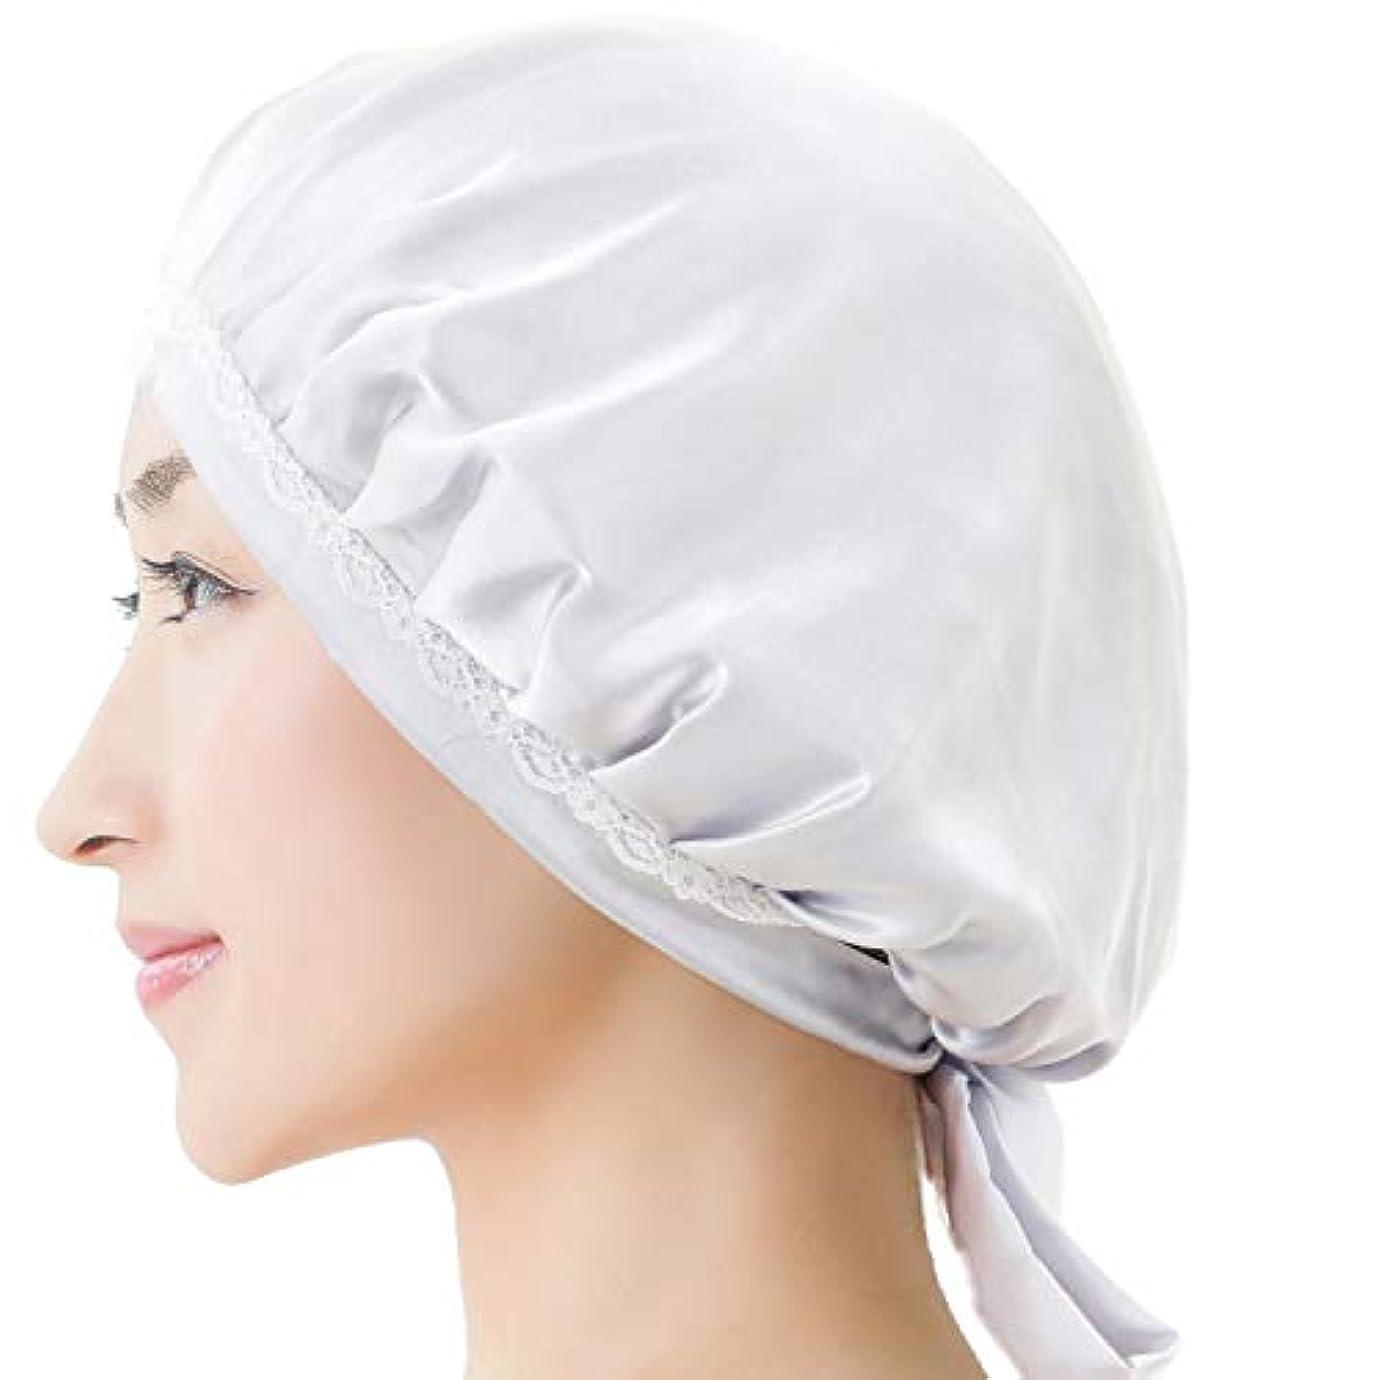 資金嫌な送ったRUPORX シルク ナイトキャップ 天然シルク100% ロングヘア 通気性抜群 高品質 ヘアキャップ (シルバー)